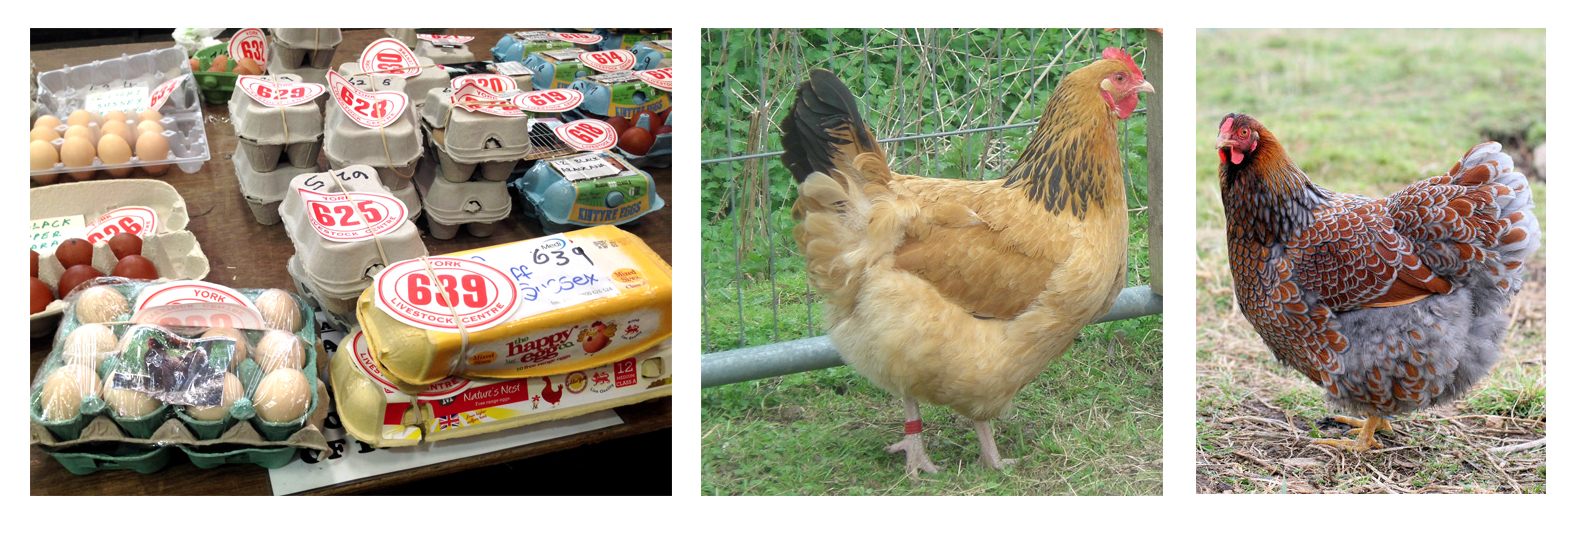 Egg chicken montage